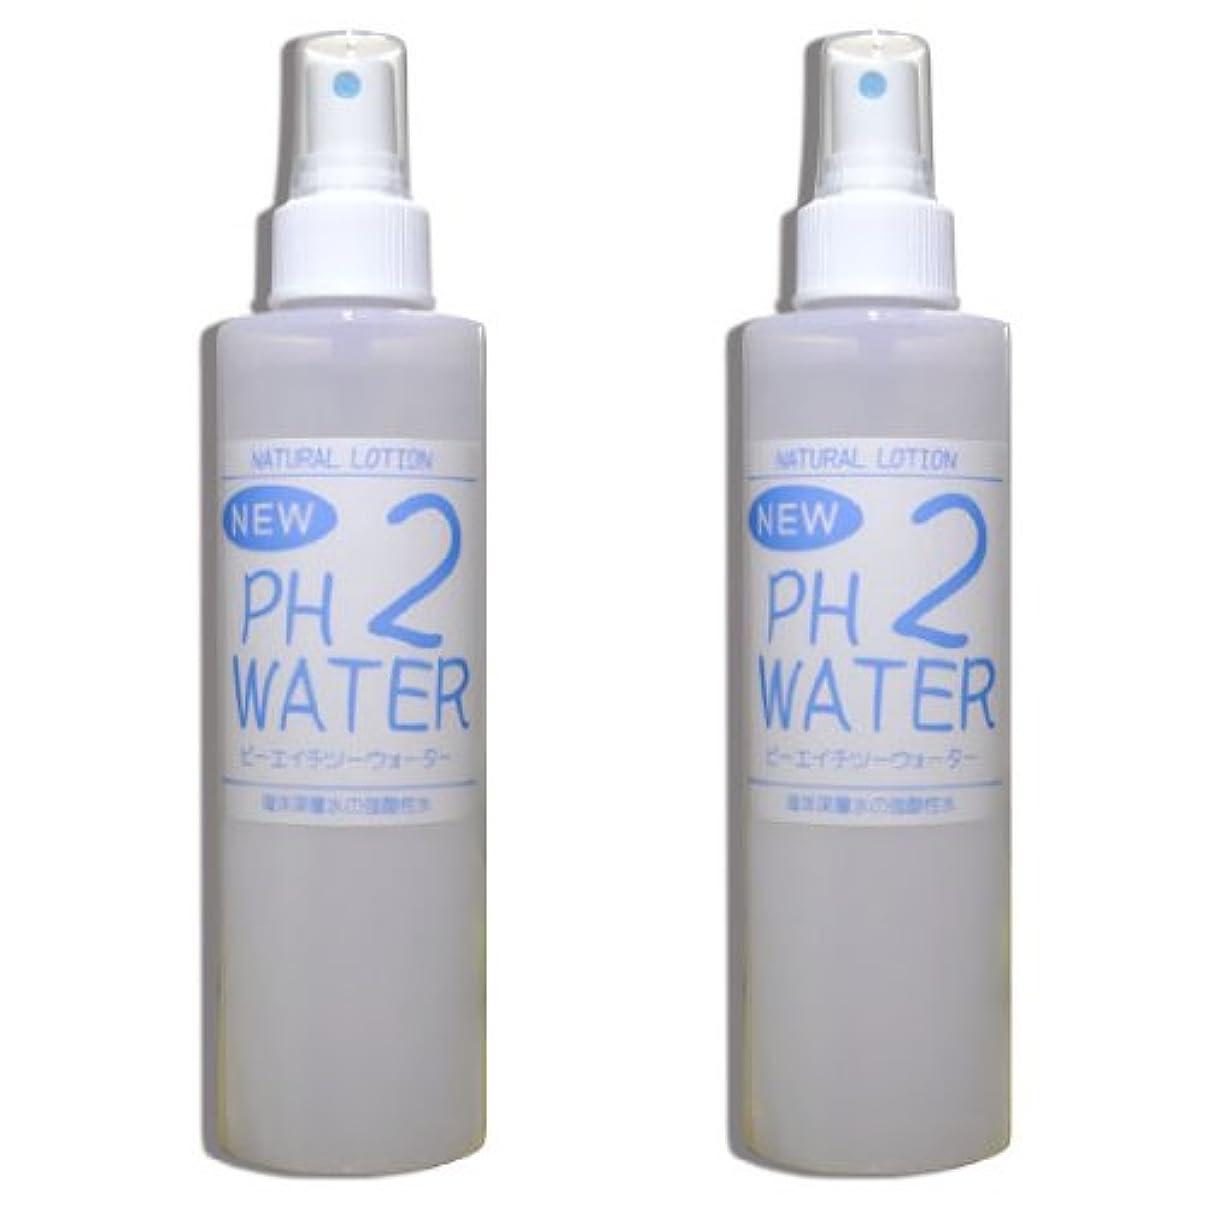 強酸性水 NEW PH2ウォーター『200mlスプレー2本セット』